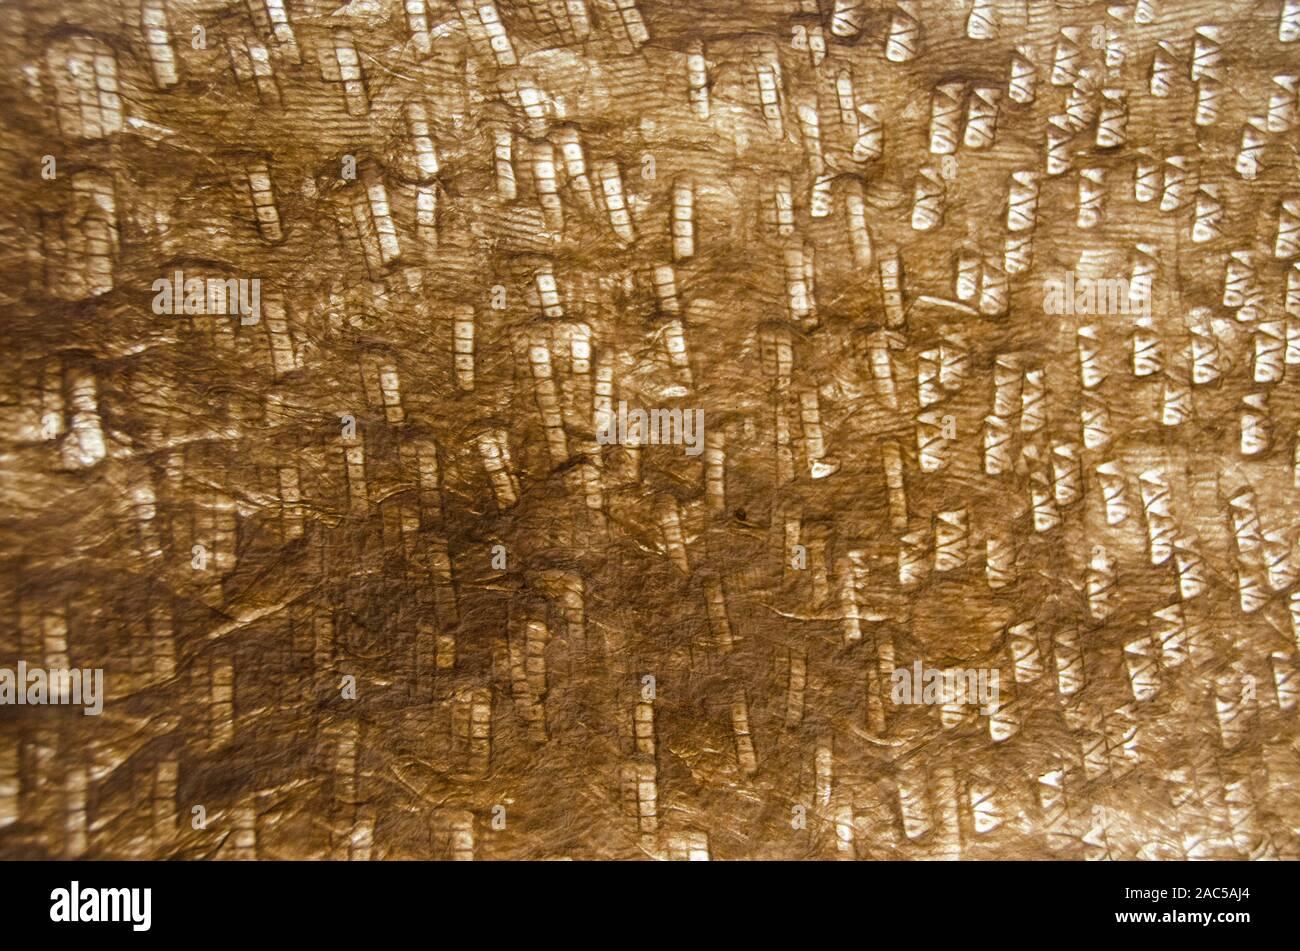 Una vista ravvicinata di kapa (o tapa) costituito da carta di corteccia di gelso da Monte Roen Hufford, Big Island. Foto Stock